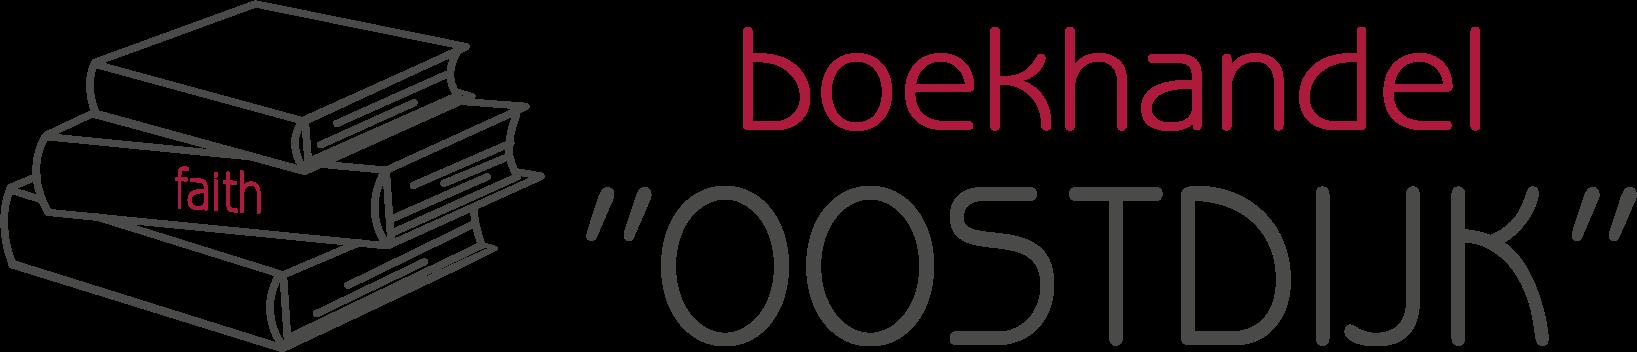 Boekhandel-Oostdijk-logo-2020